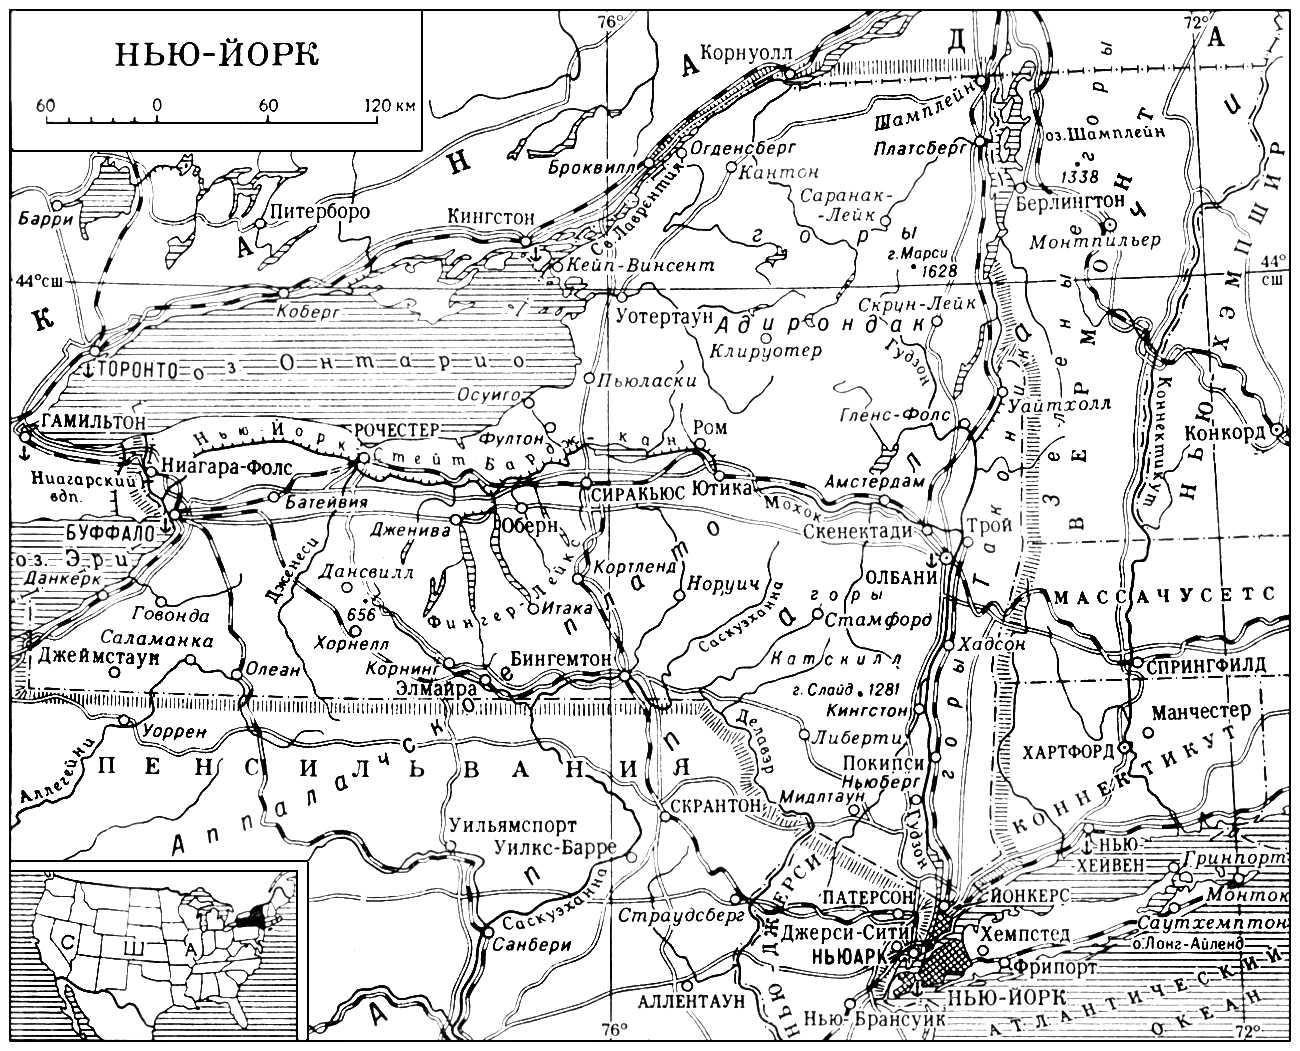 Штатов сша в гражданской войне в сша